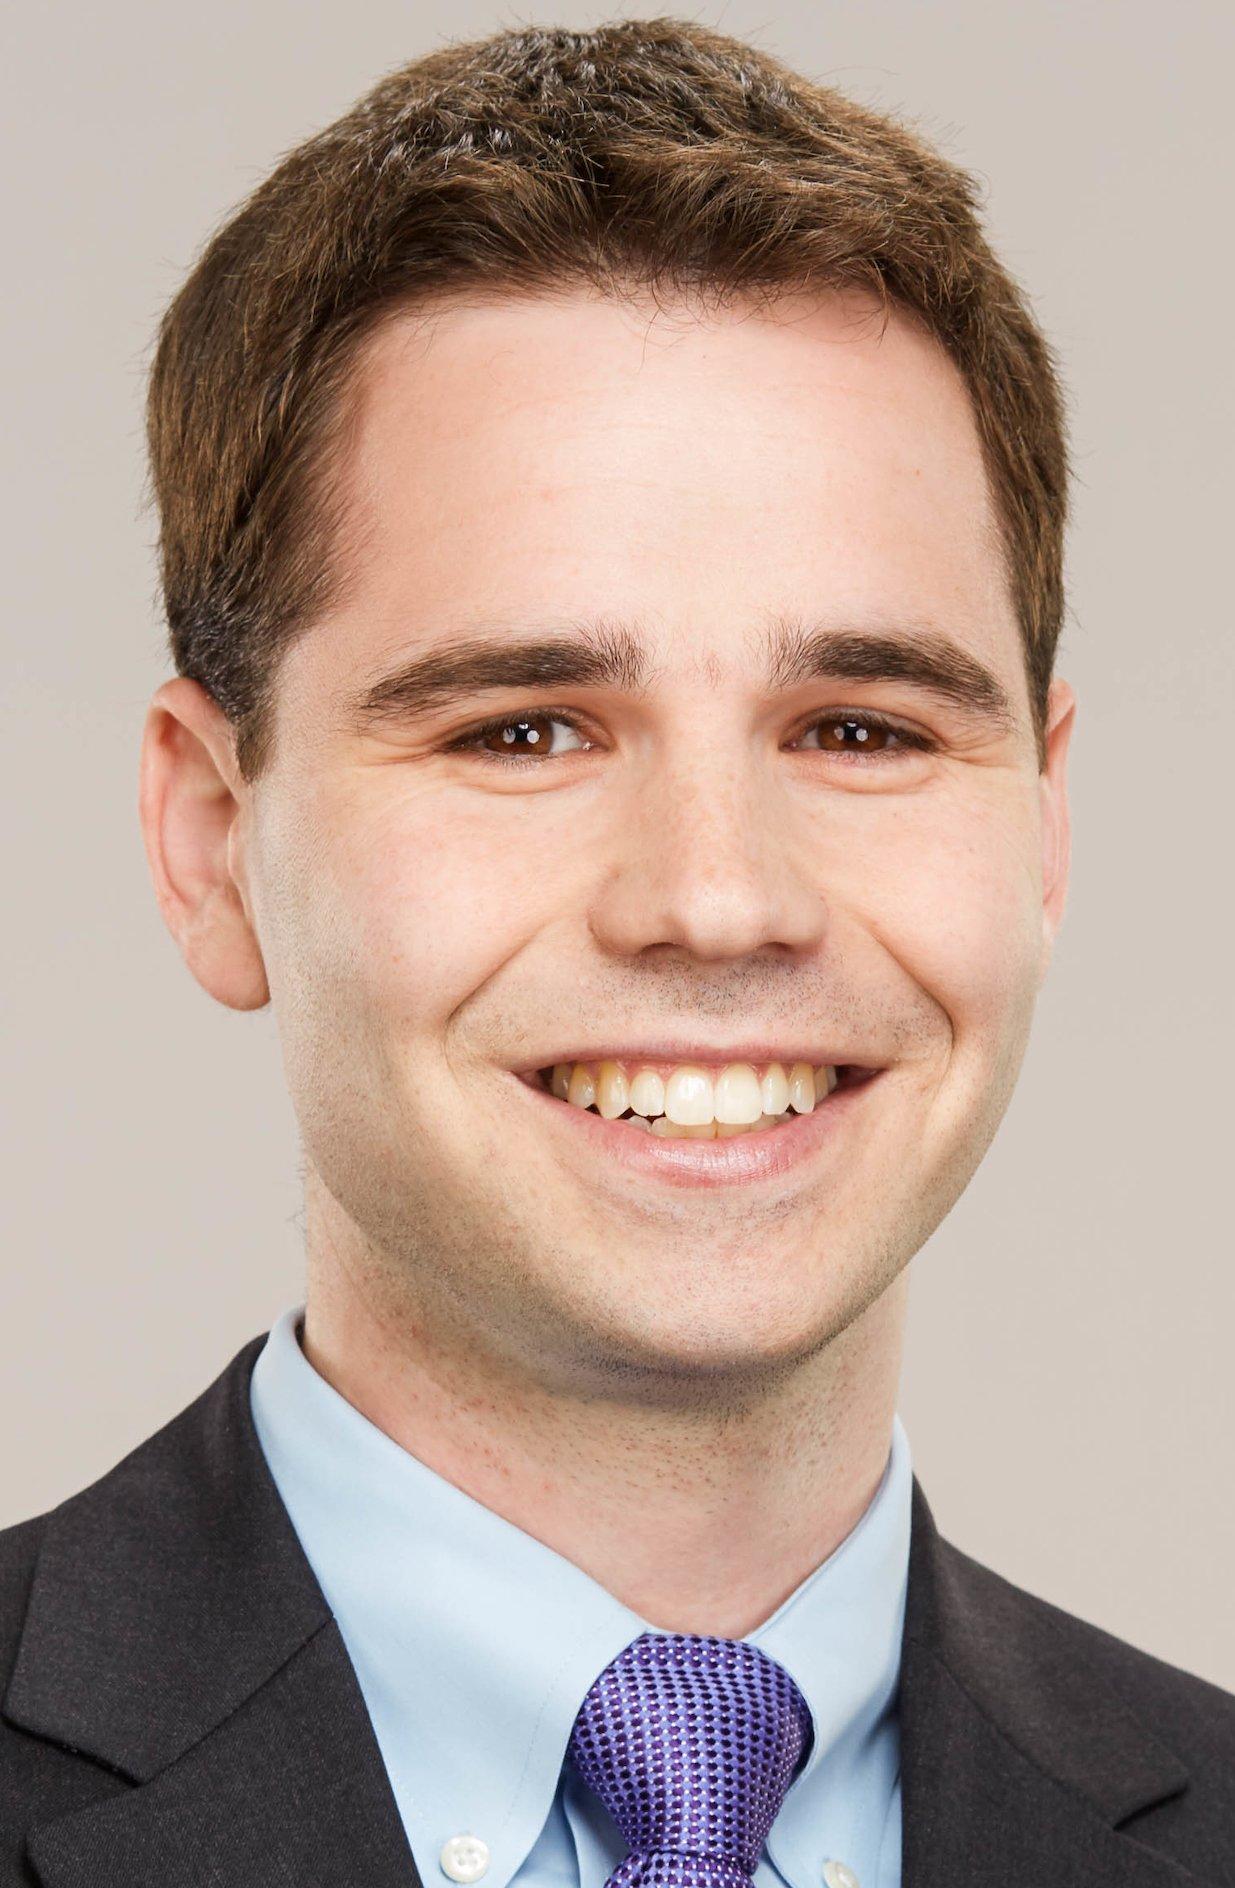 Benjamin Saidman